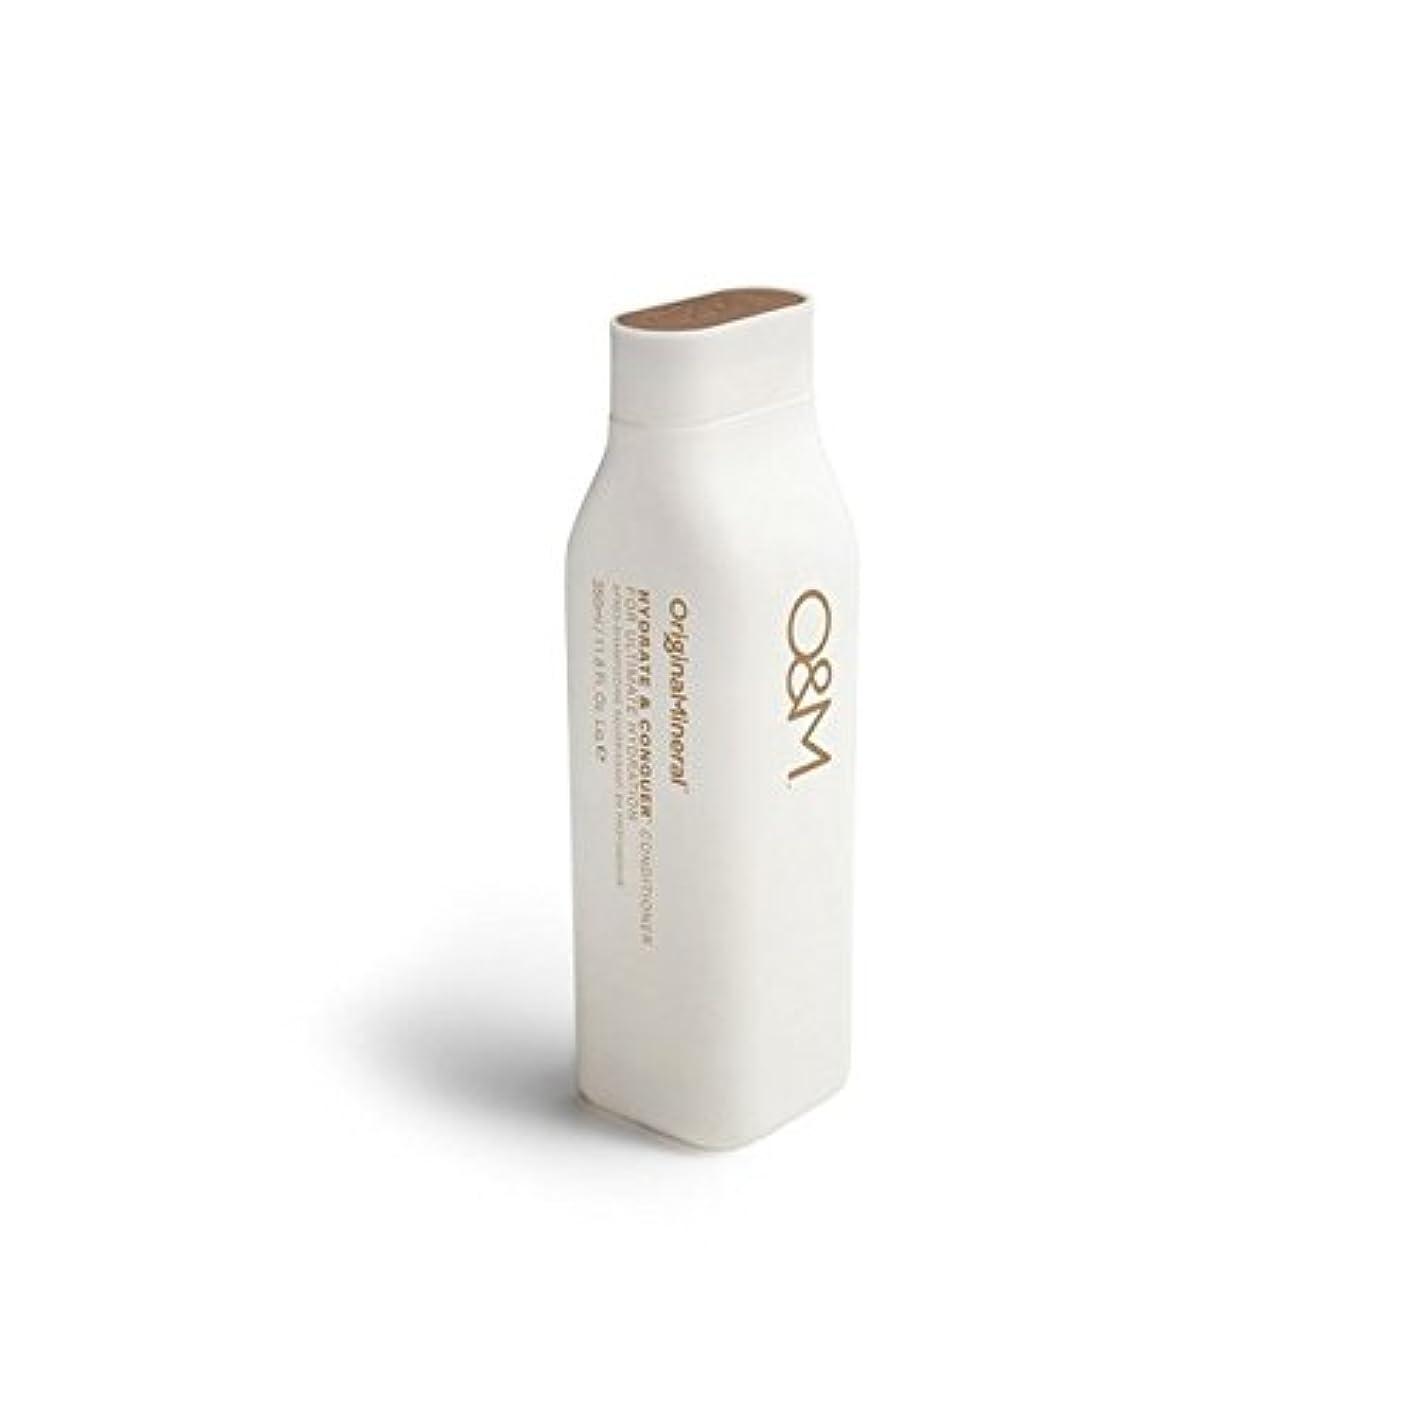 断線無視できるモジュールOriginal & Mineral Hydrate And Conquer Conditioner (350ml) (Pack of 6) - オリジナル&ミネラル水和物及びコンディショナー(350ミリリットル)を征服 x6 [並行輸入品]